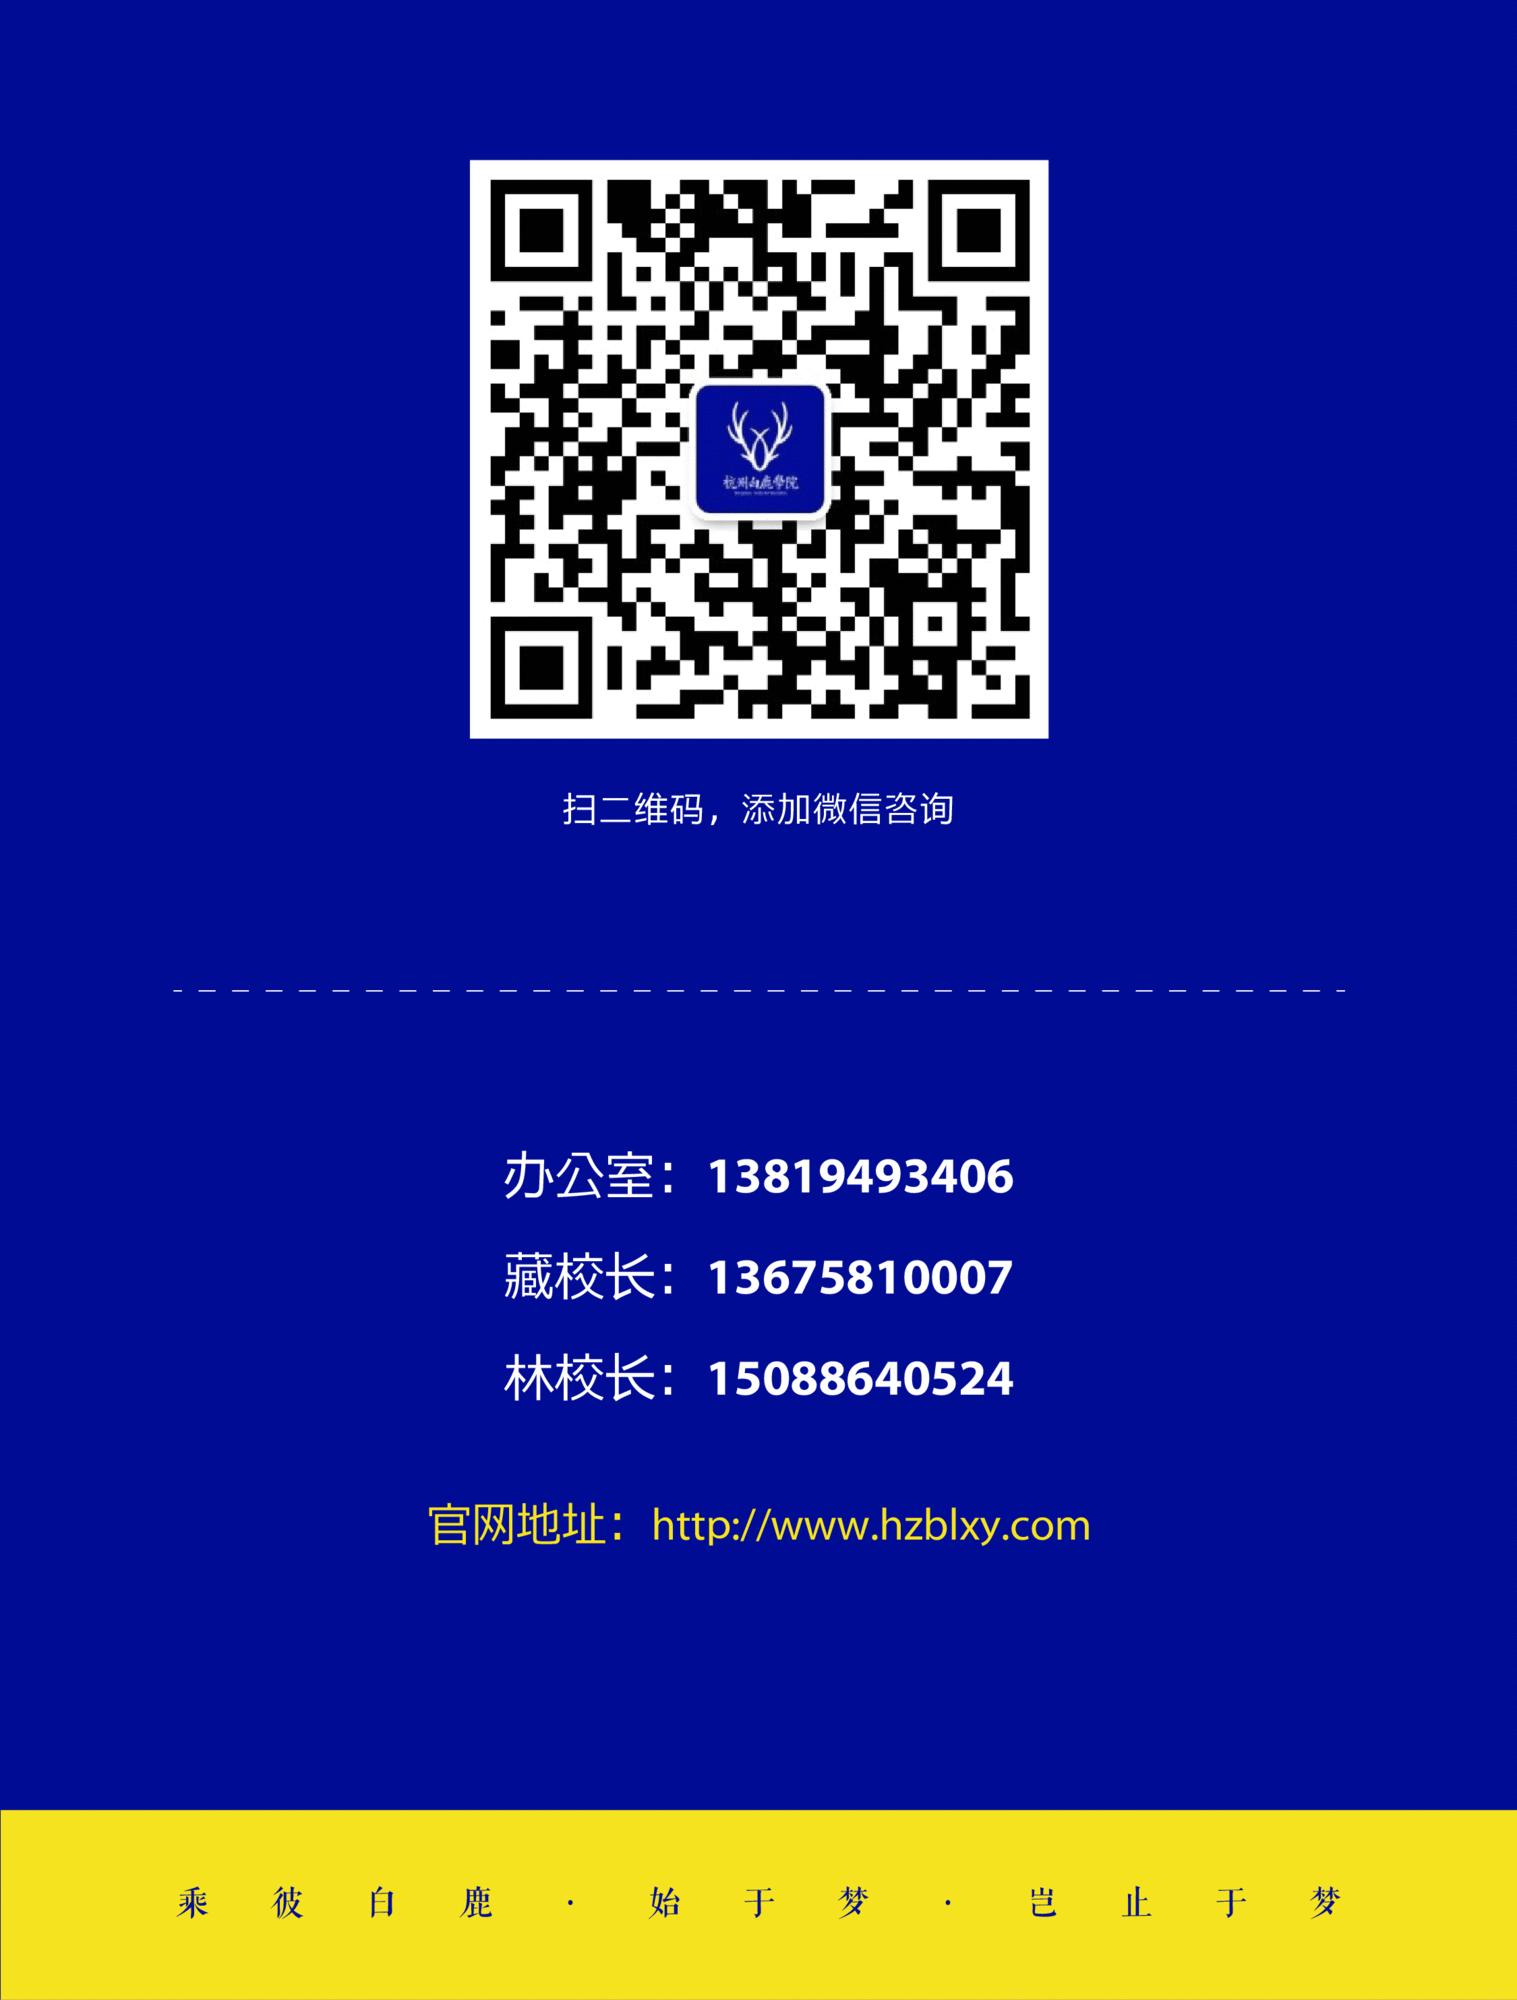 杭州白鹿画室入学指南,杭州画室入学流程